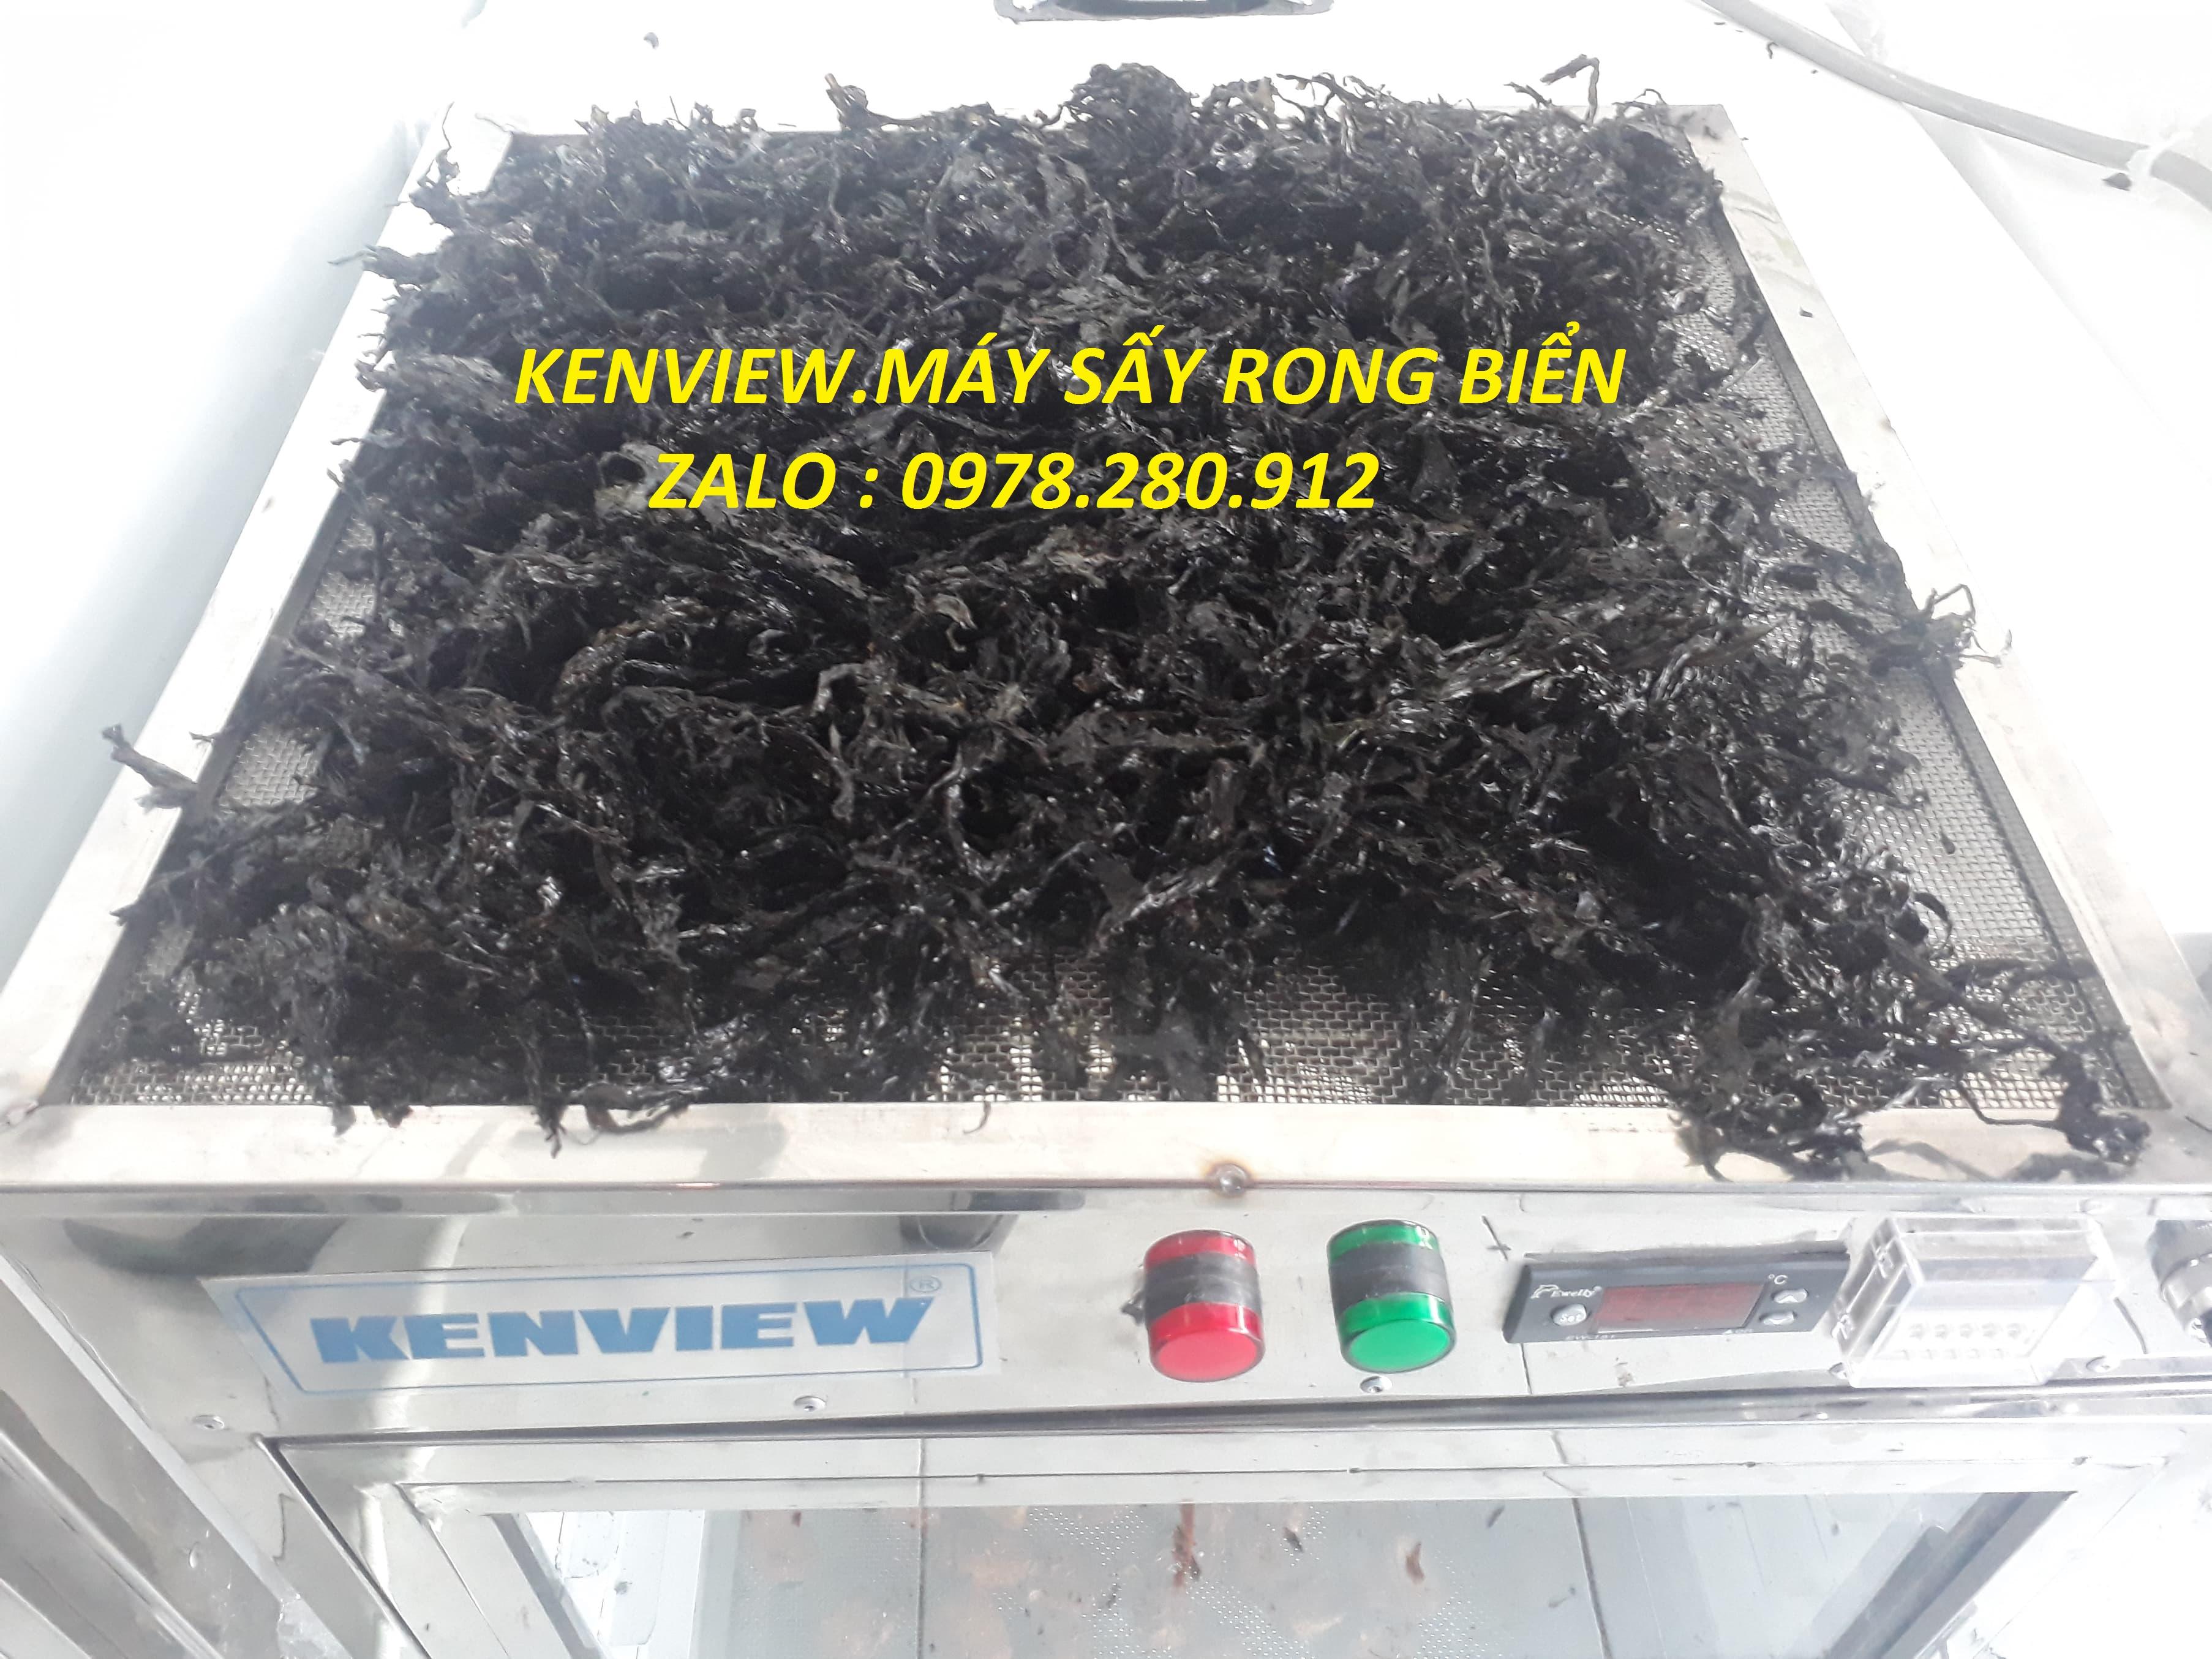 Máy sấy rong biển-rong biển sấy khô bằng máy sấy Kenview-máy sấy khô thực phẩm chuyên nghiệp.